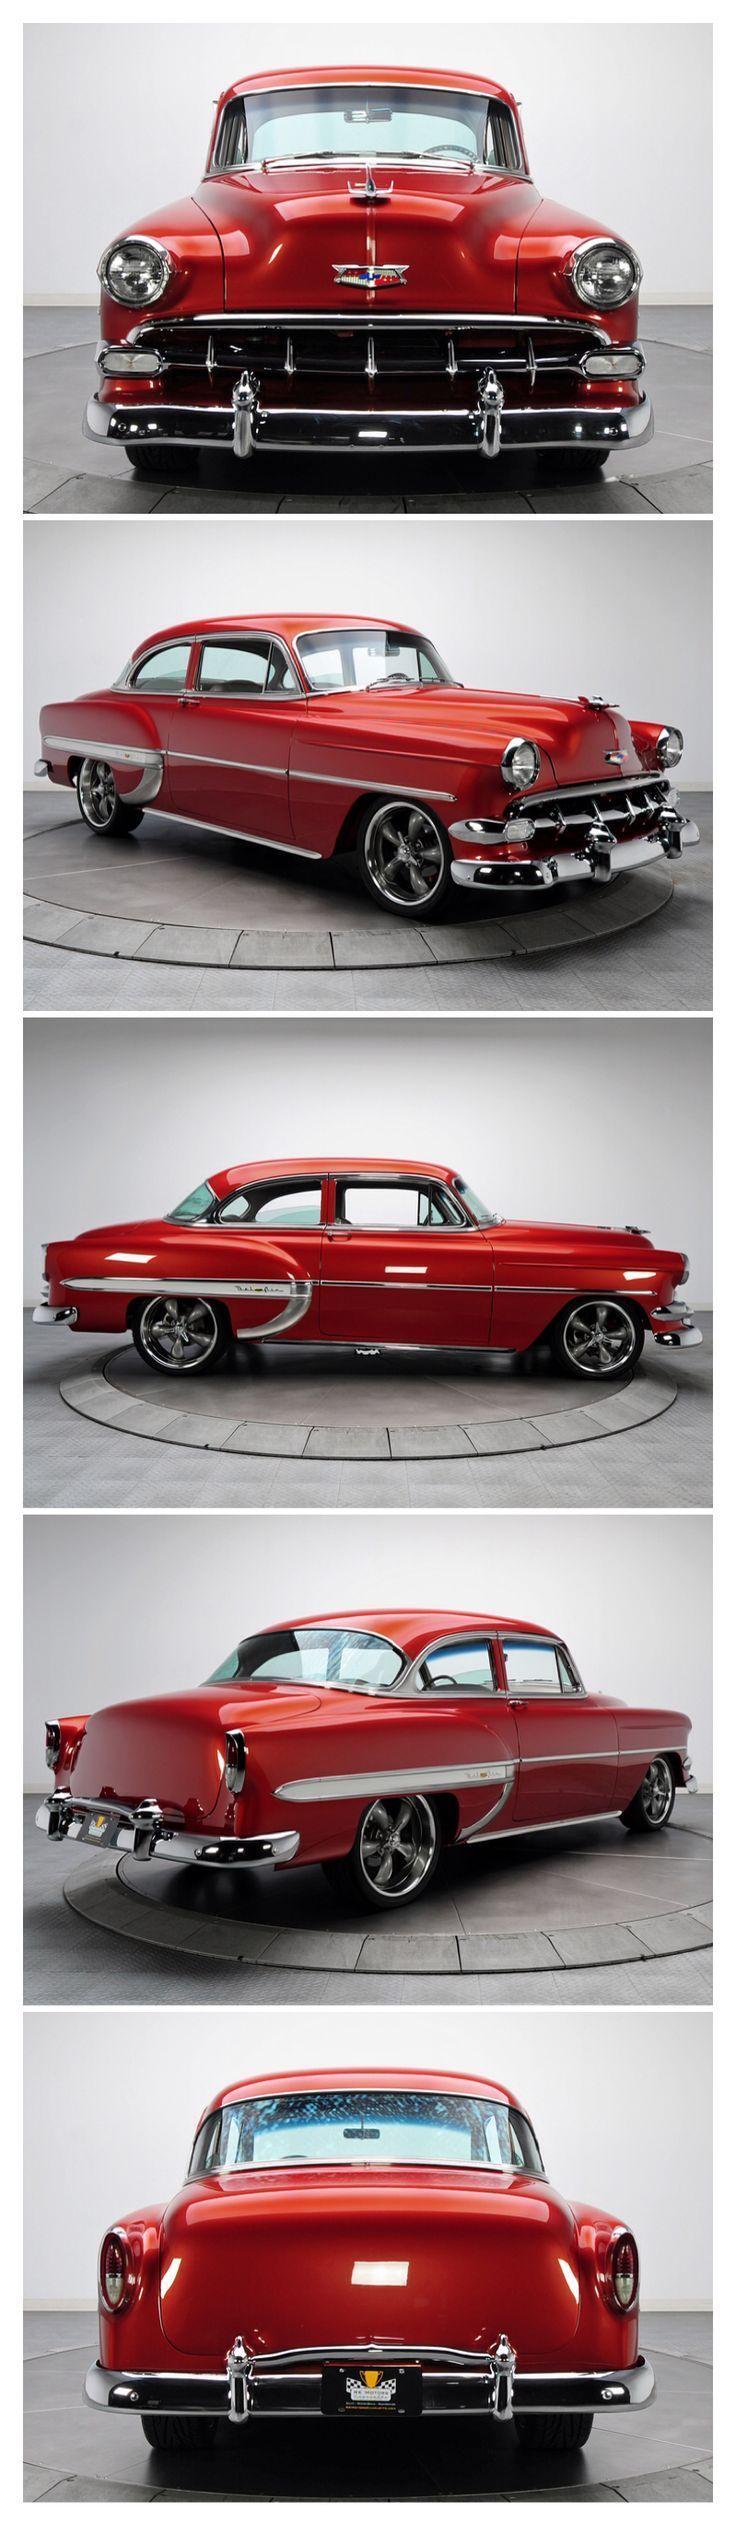 1954 Chevrolet Bel Air #classiccar #CTins